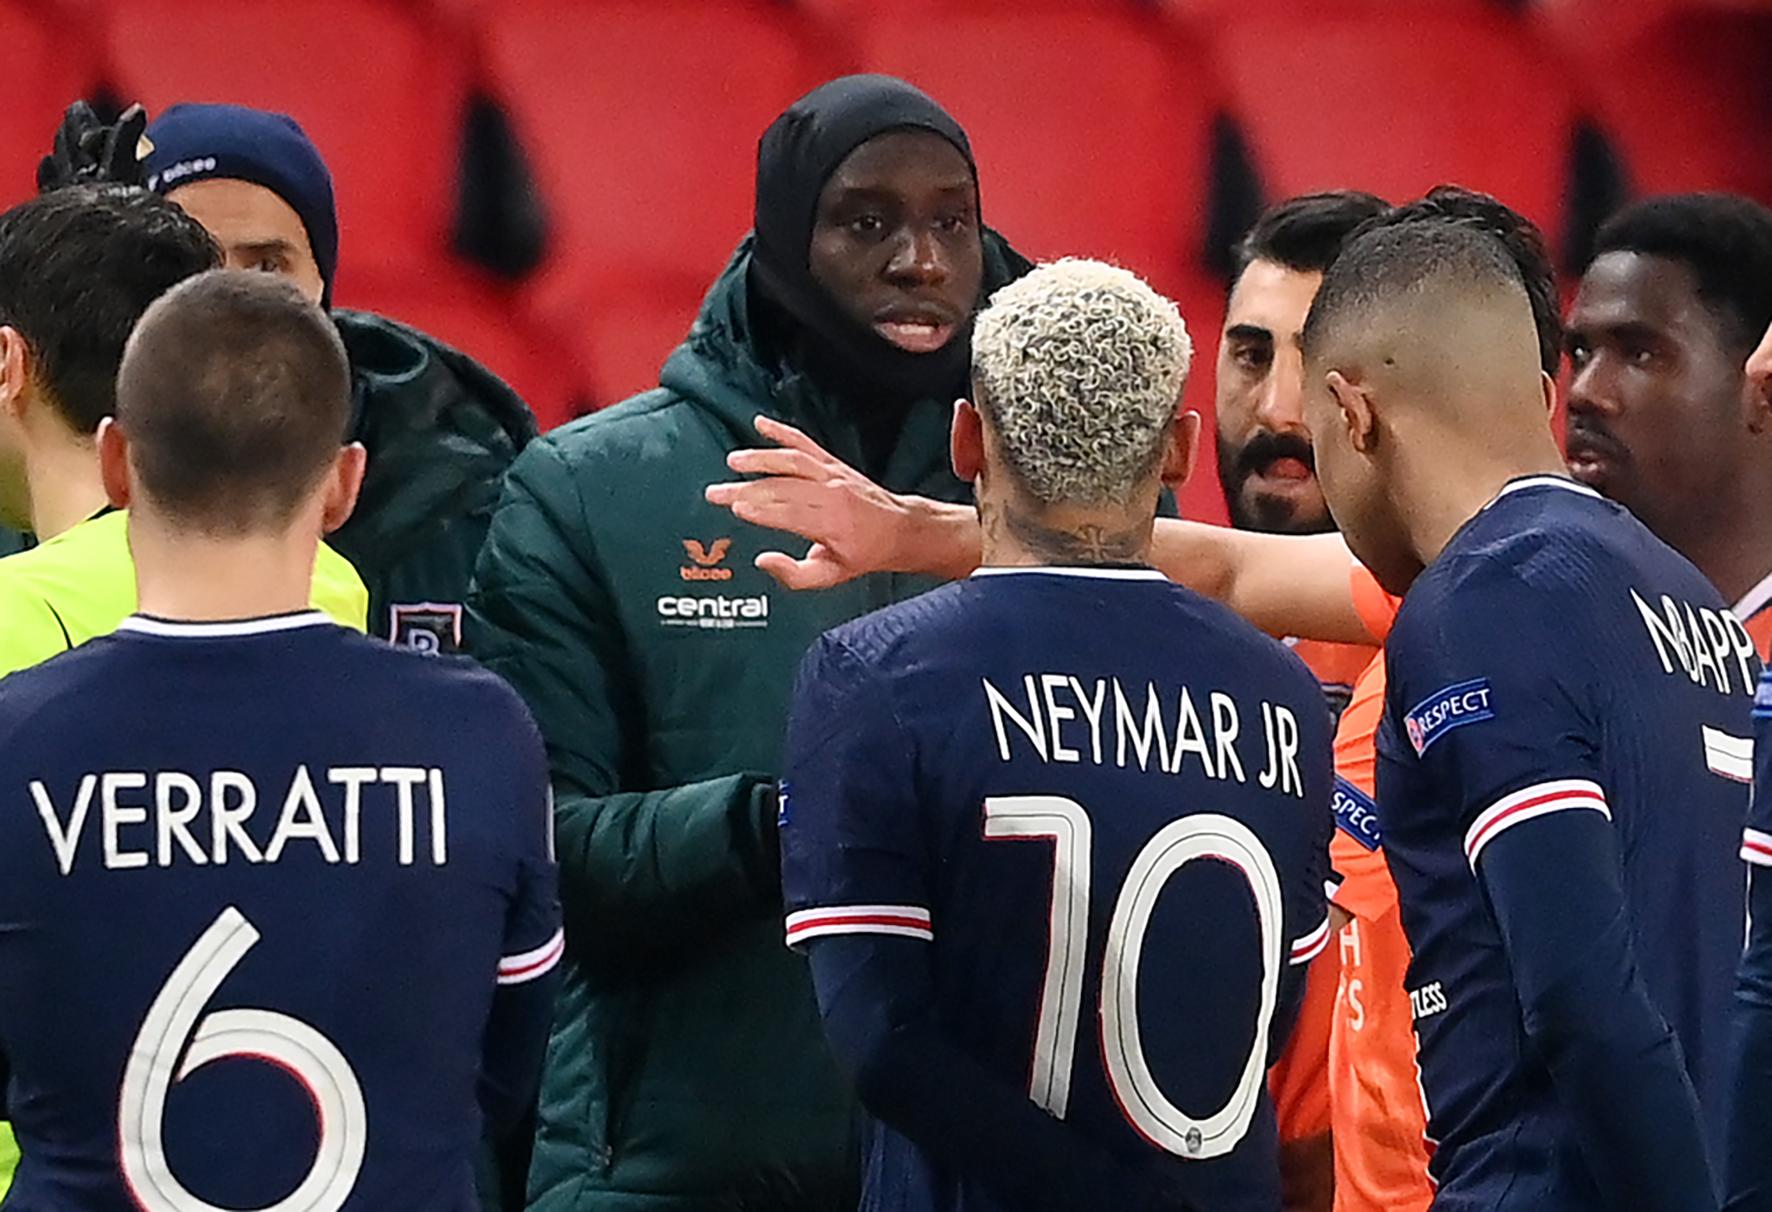 A román sportminiszter elnézést kért a PSG–Basaksehir-meccsen elhangzott rasszista kijelentésért